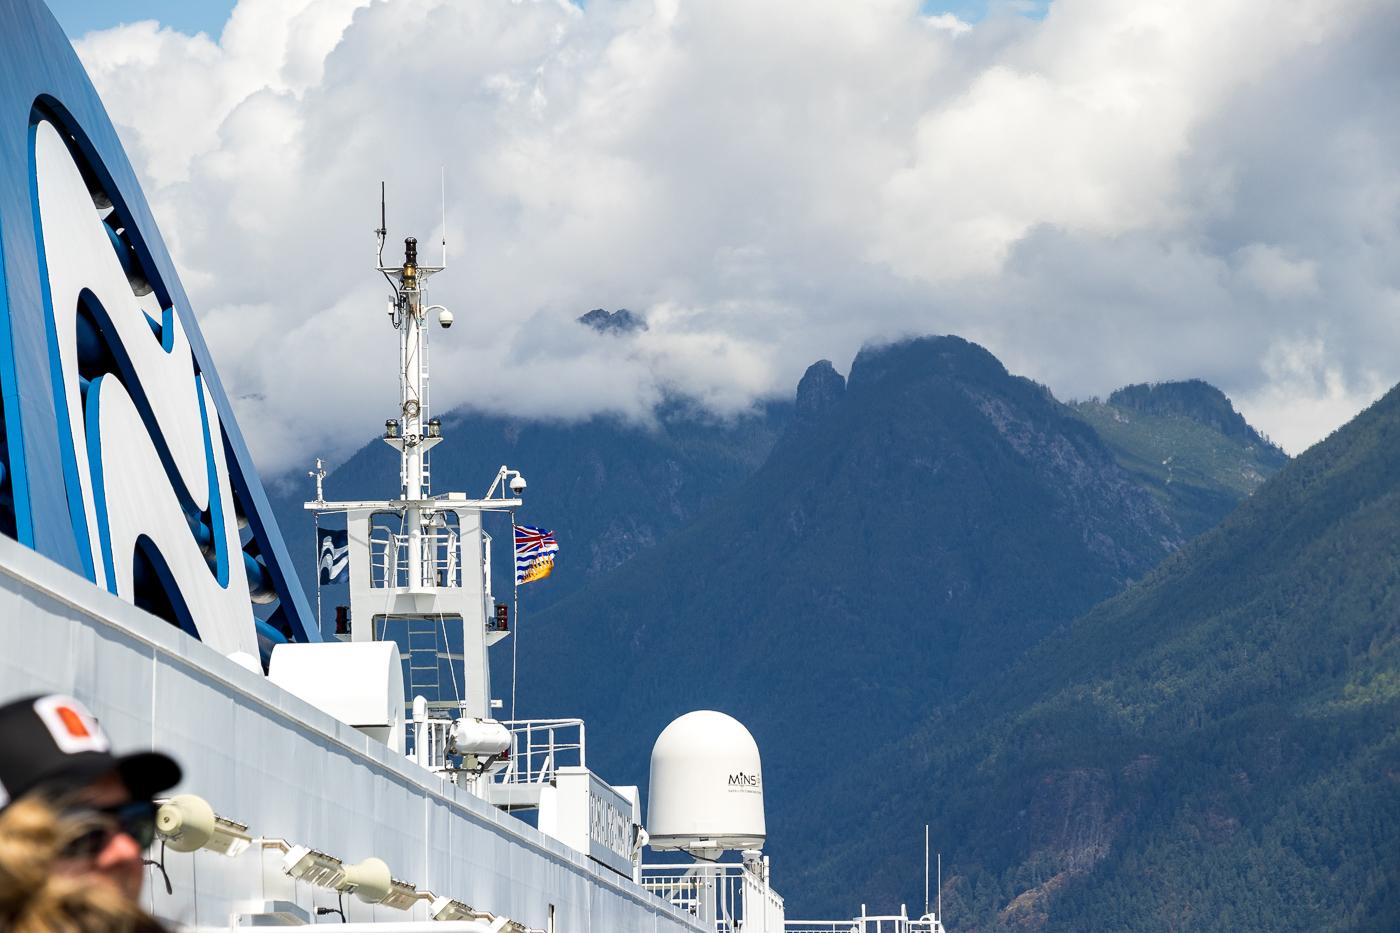 Ich bin mit der Fähre von Vancouver nach Nanaimo in Vancouver Island übergesetzt. Gut 1,5 Stunden dauert die Fahrt mit wunderschöner Aussicht.